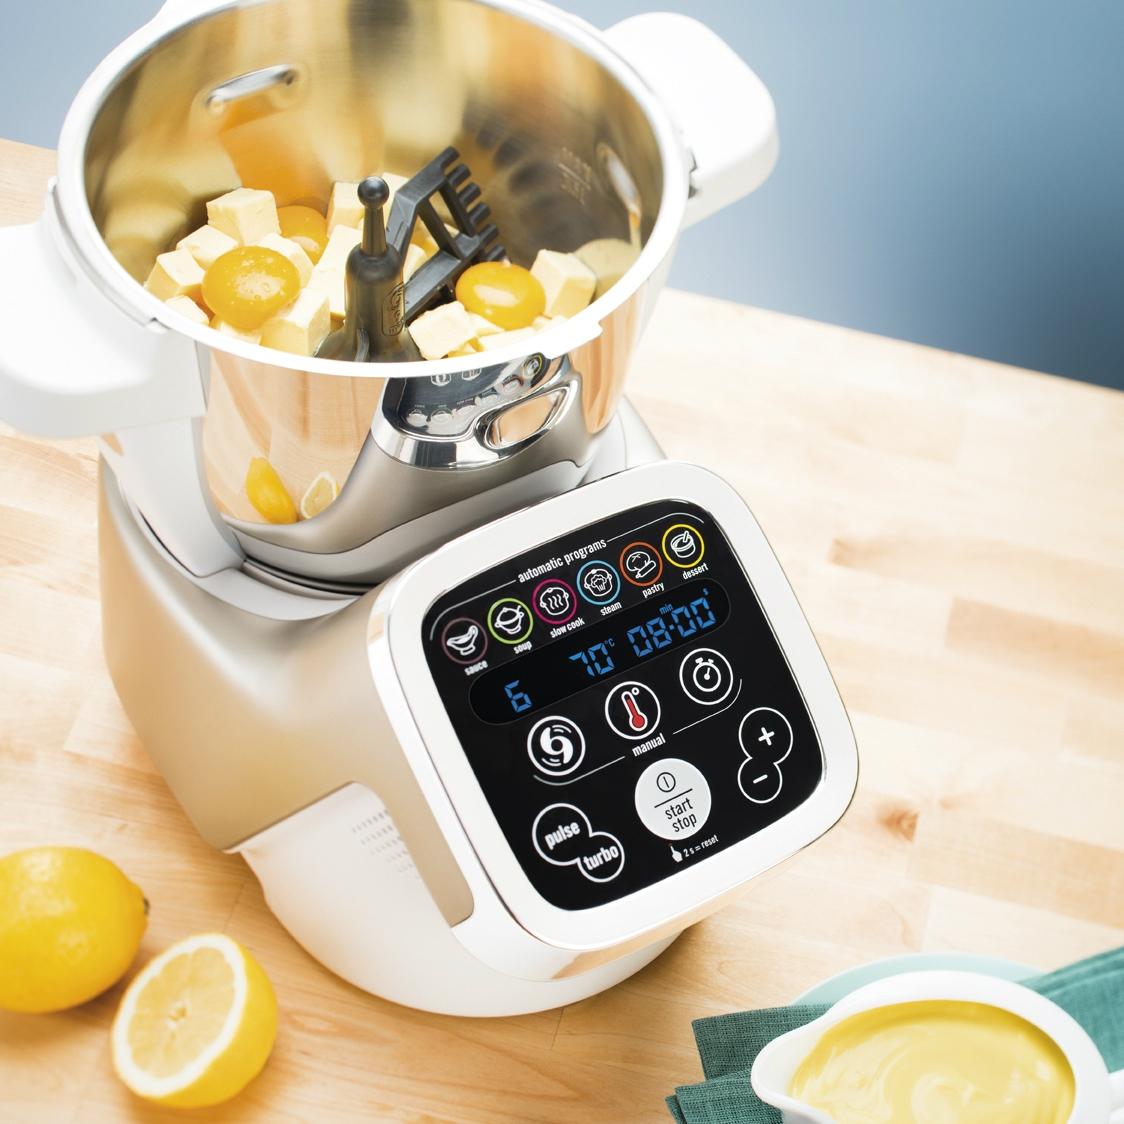 Robot multifonction hf800 moulinex pickture for Robot de cuisine multifonction chauffant